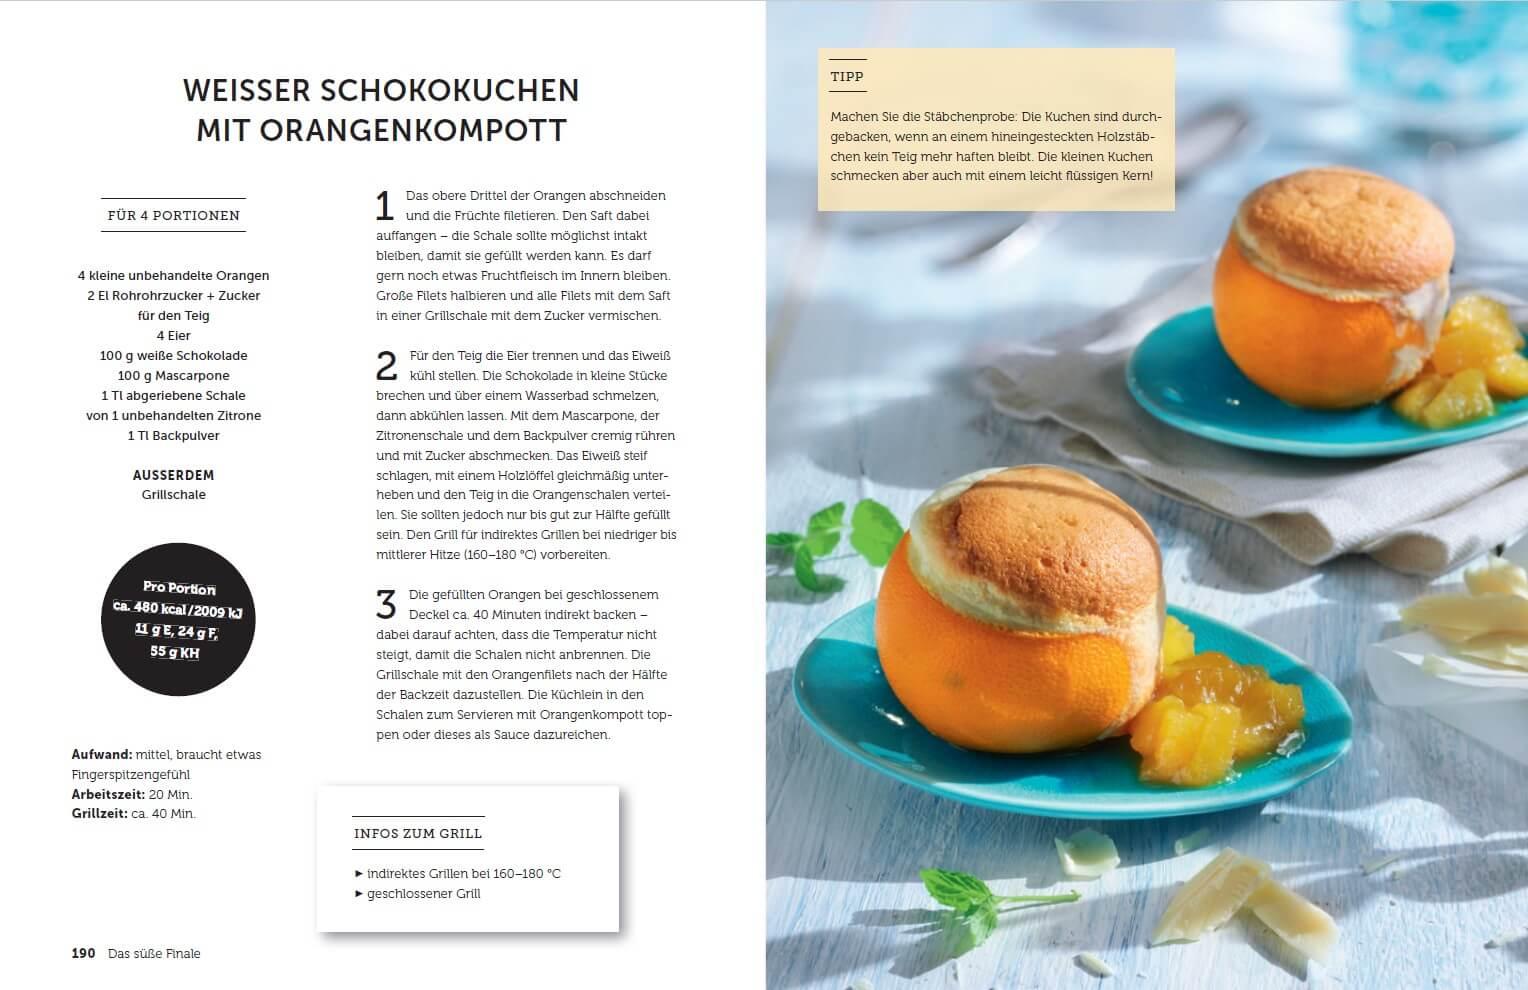 BBQPit-Grillbuch Das ultimative Grillbuch mit BBQPit-das ultimative grillbuch-Das ultimative Grillbuch BBQPit 02